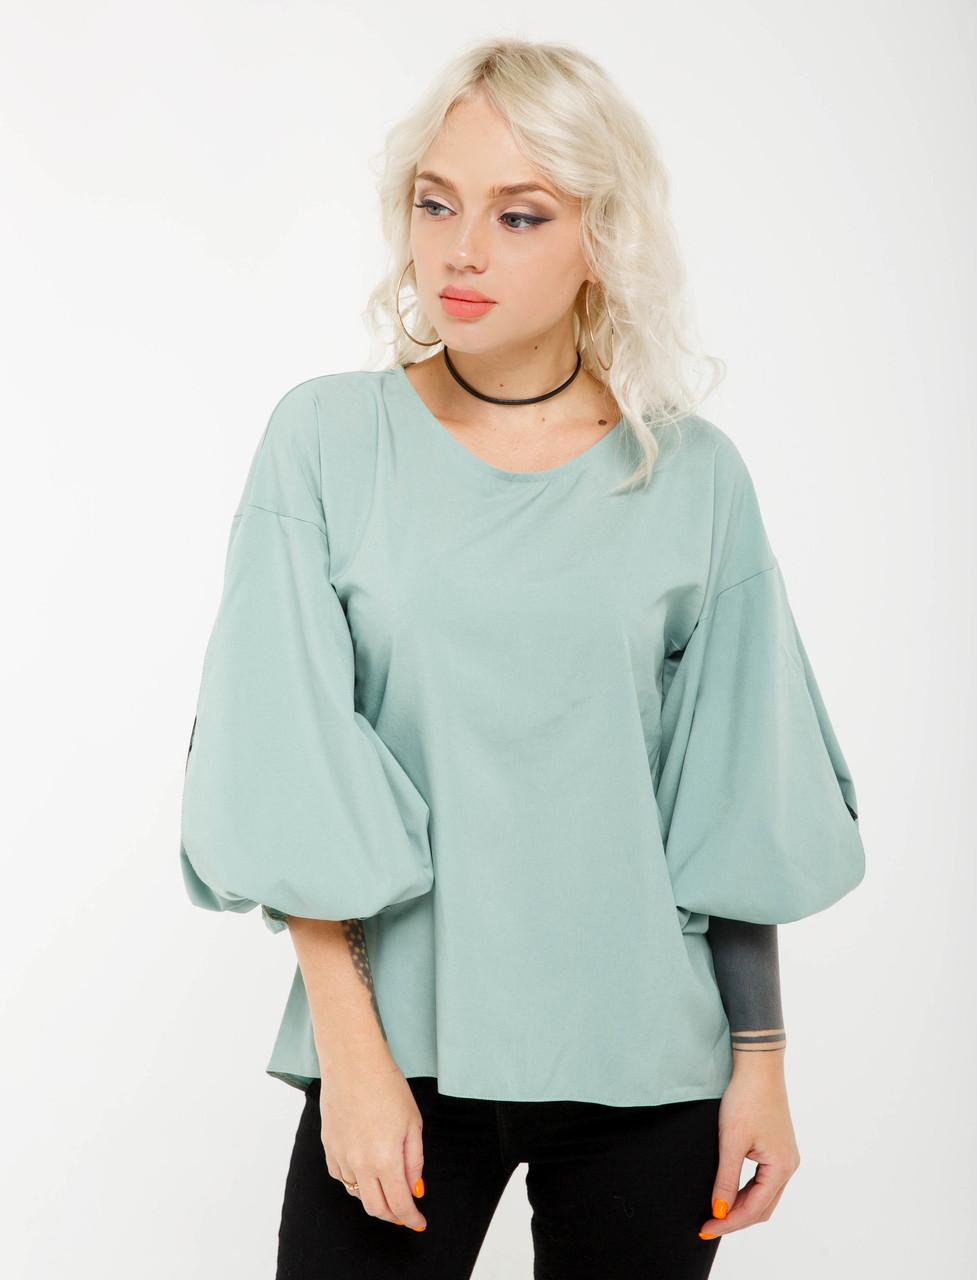 Женская блузка цвета фисташка